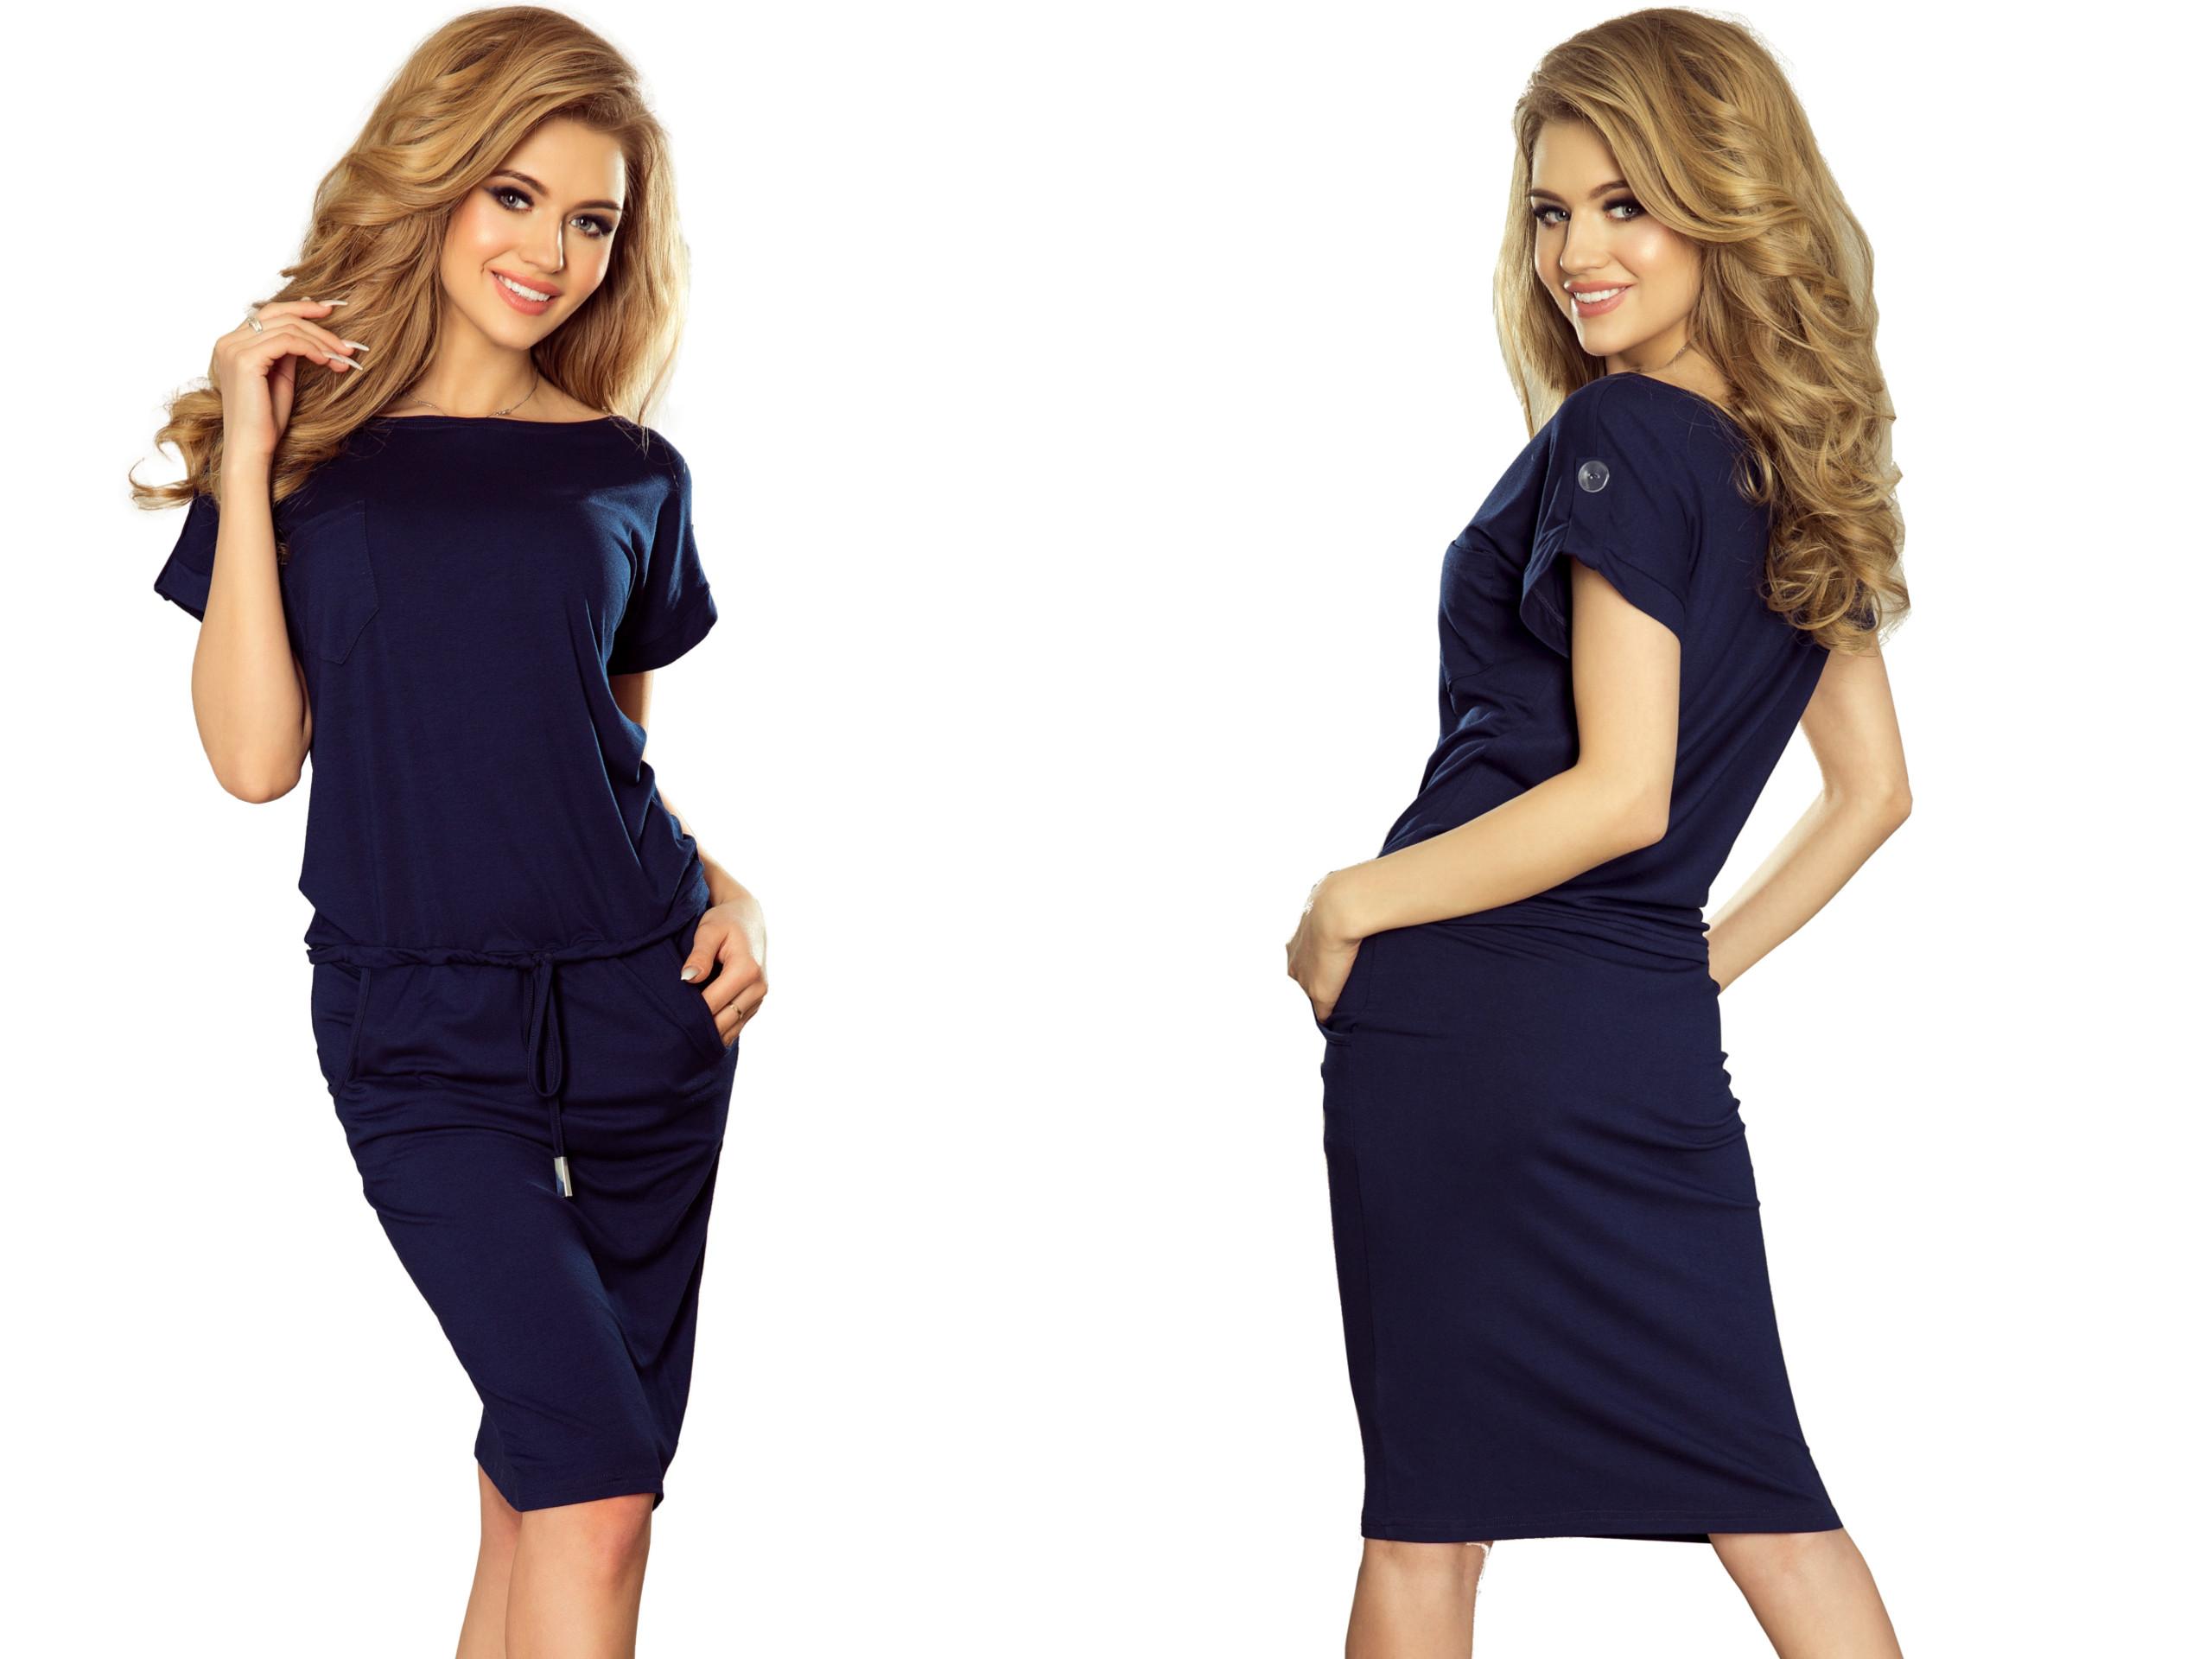 86e2df741e Eleganckie Sukienki Wizytowe Biznesowe 196-1 XL 42 7440916359 - Allegro.pl